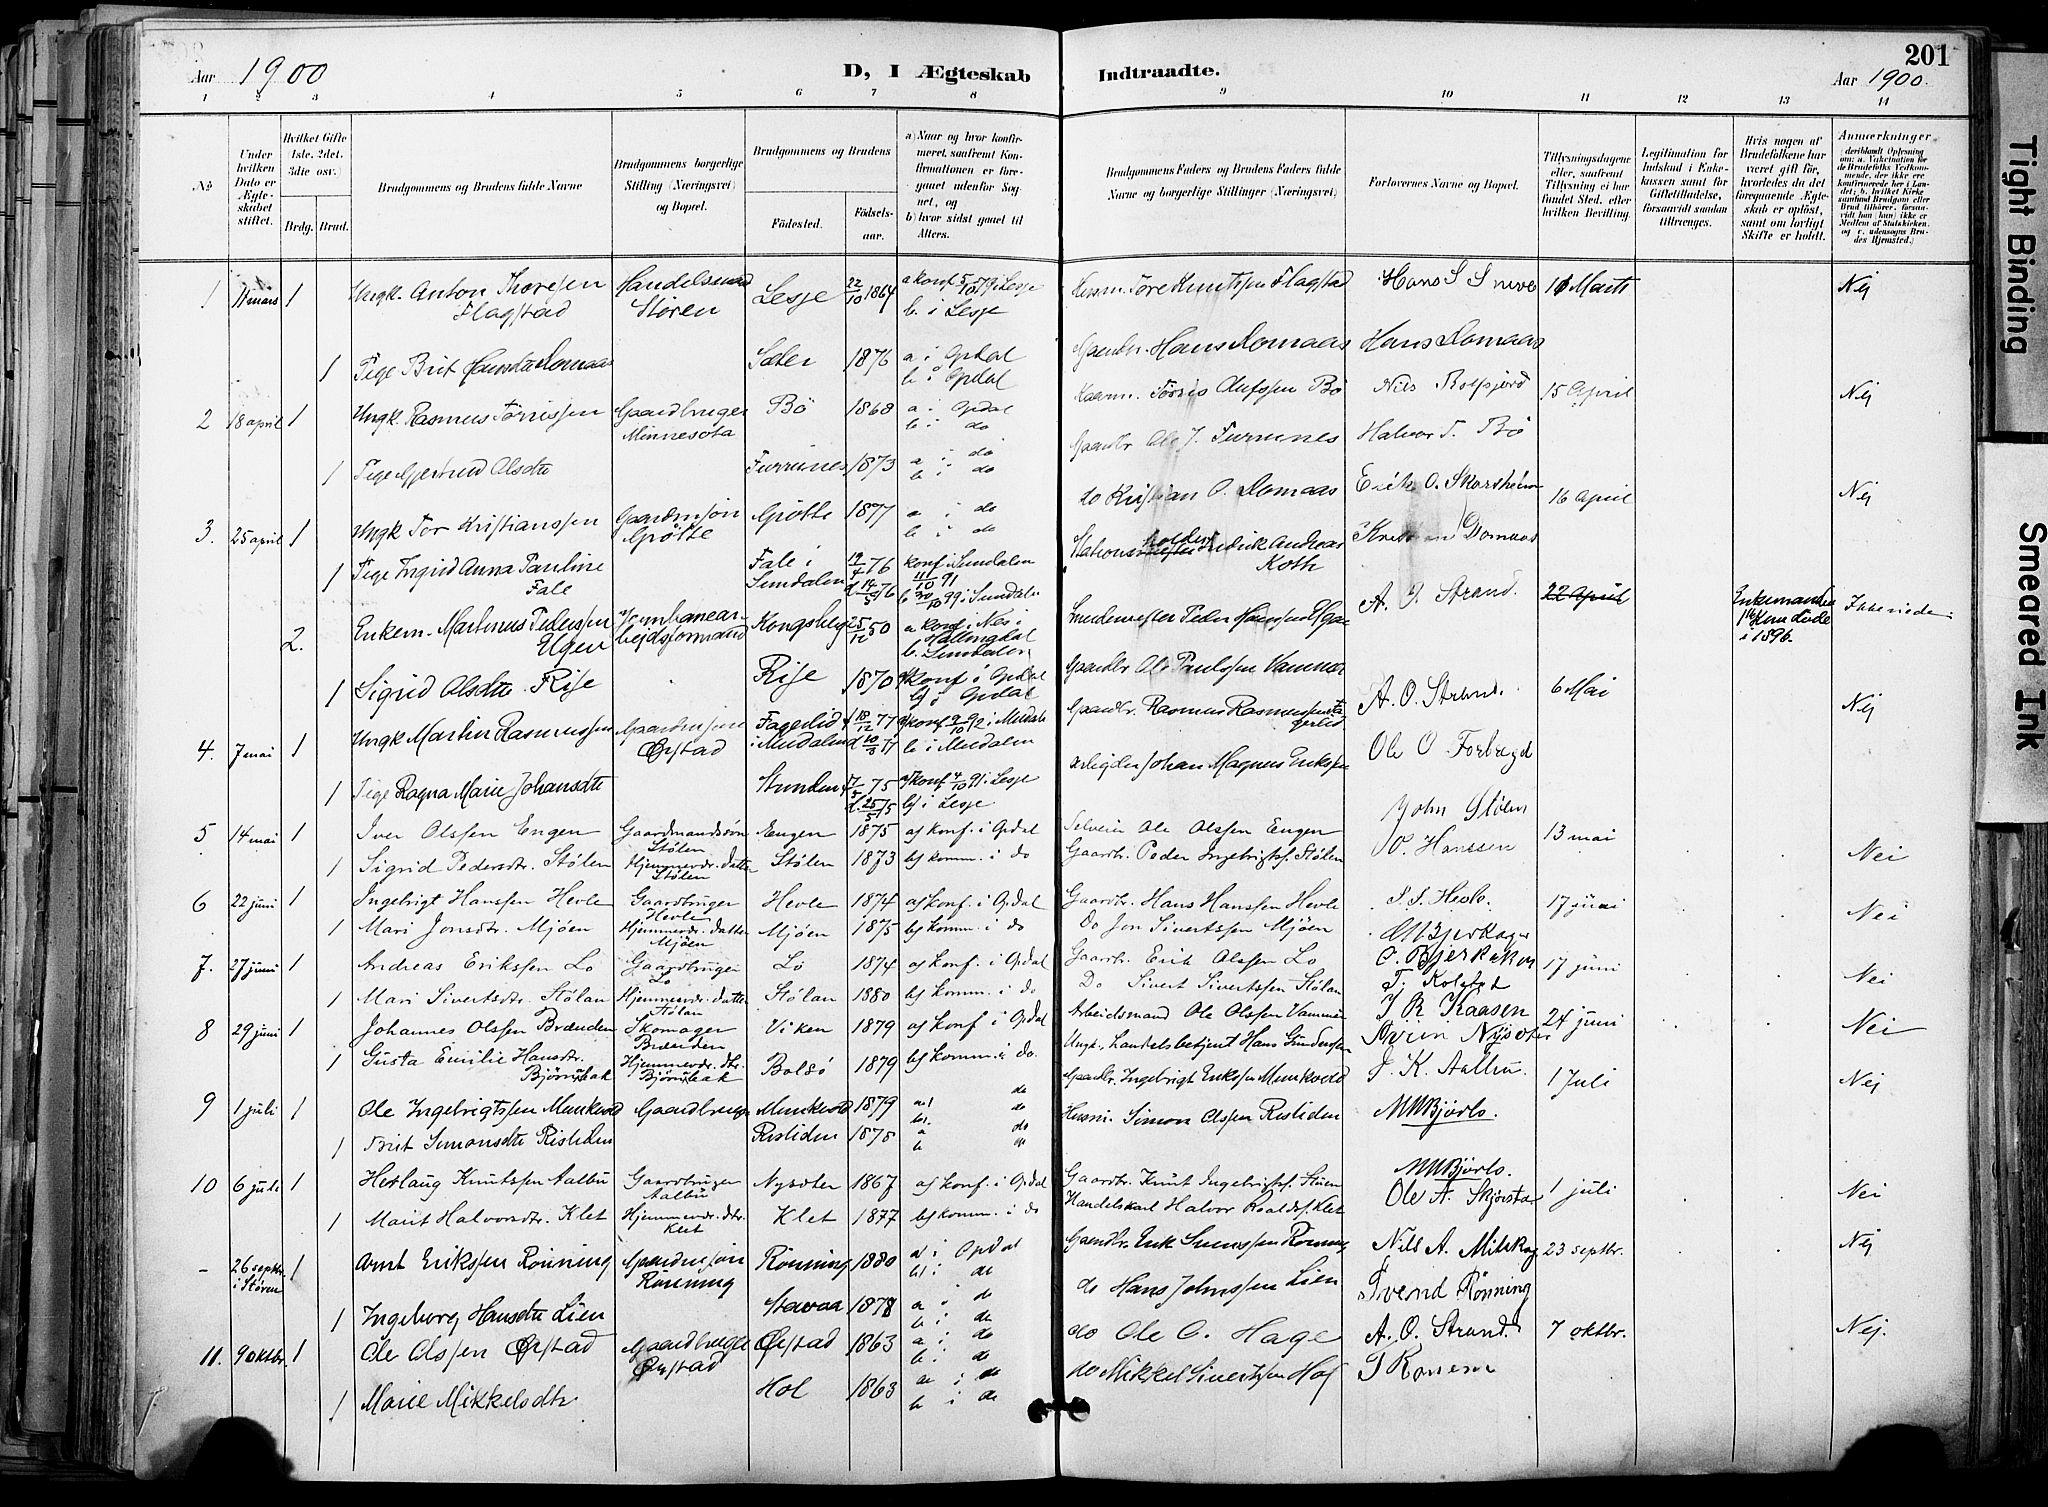 SAT, Ministerialprotokoller, klokkerbøker og fødselsregistre - Sør-Trøndelag, 678/L0902: Ministerialbok nr. 678A11, 1895-1911, s. 201